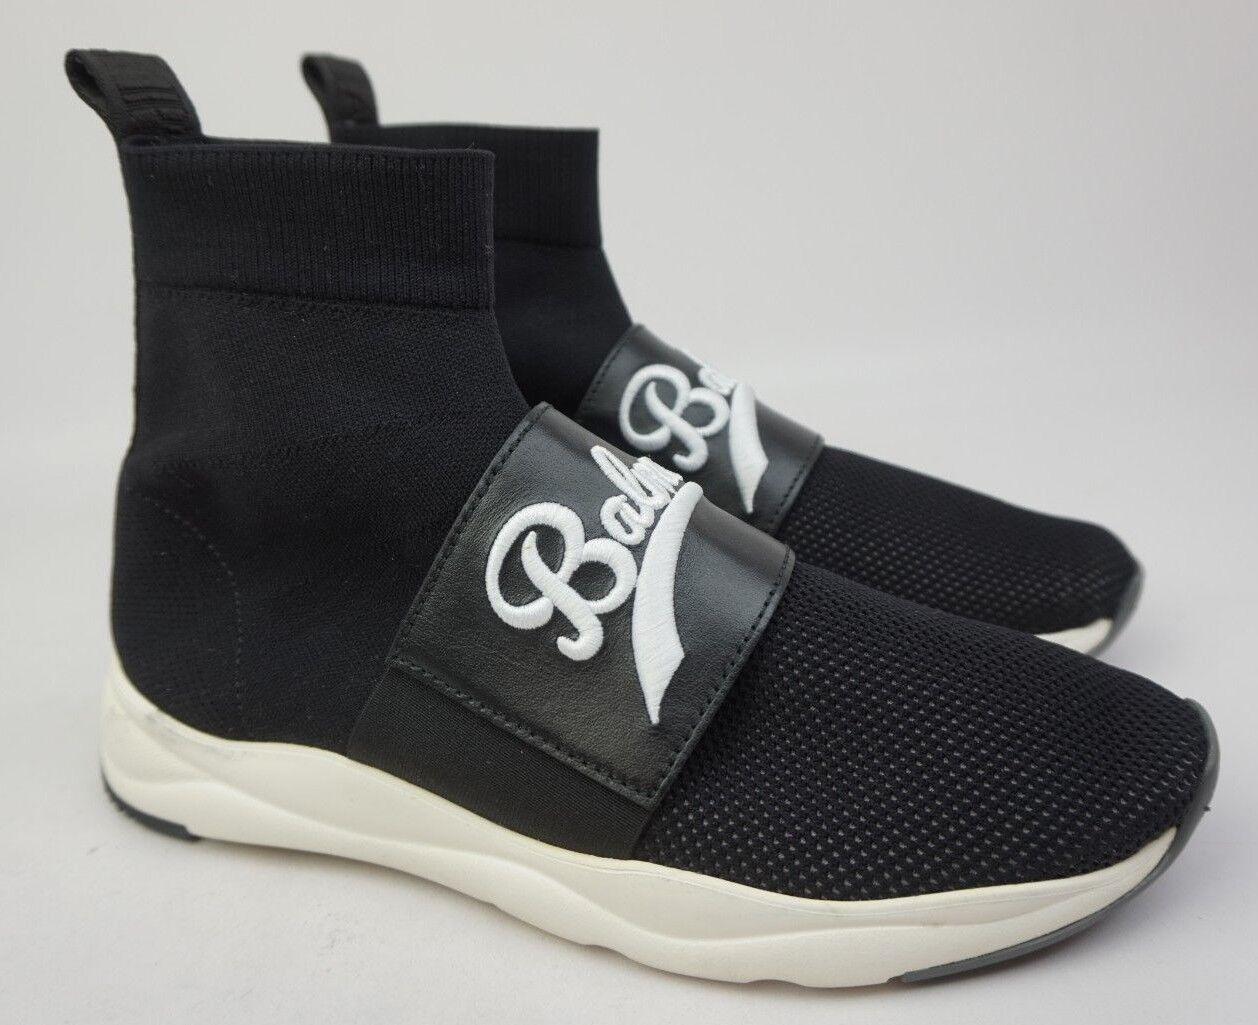 Balmain Estampado Cameron Logo Tira Calcetines Malla Negro Negro Negro Zapatillas Talla 40  salida